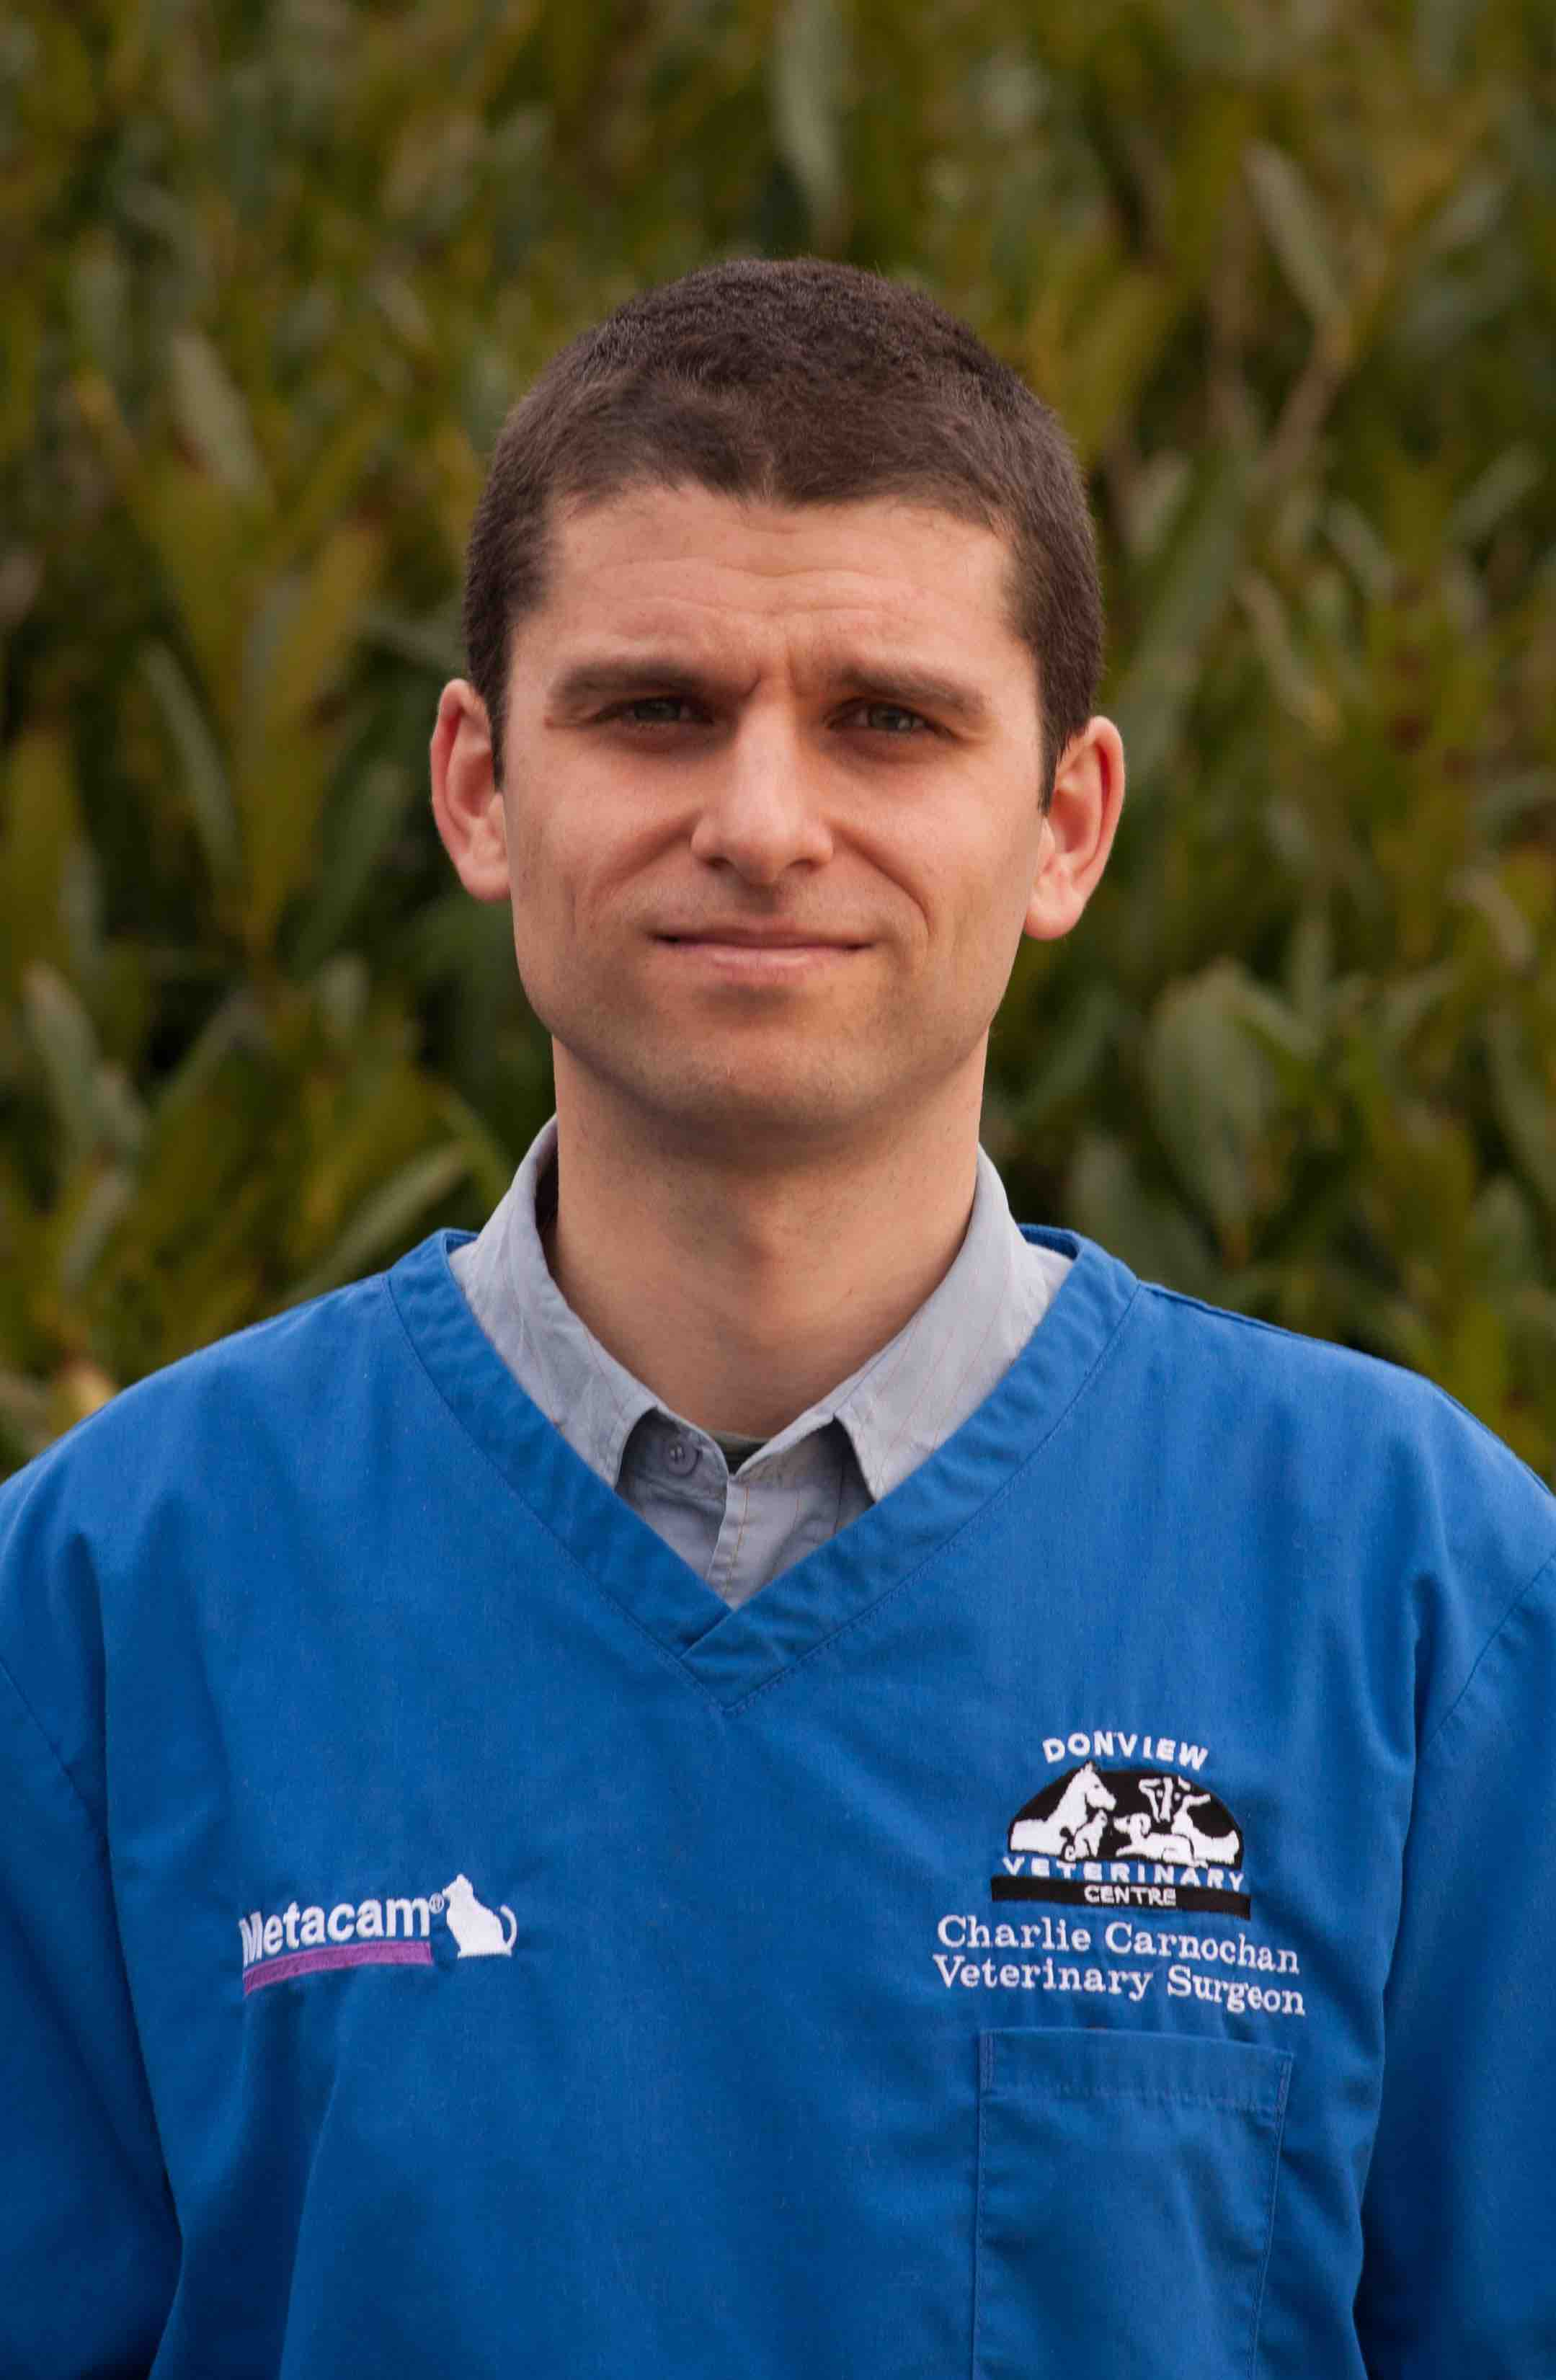 Charlie Carnochan Vet